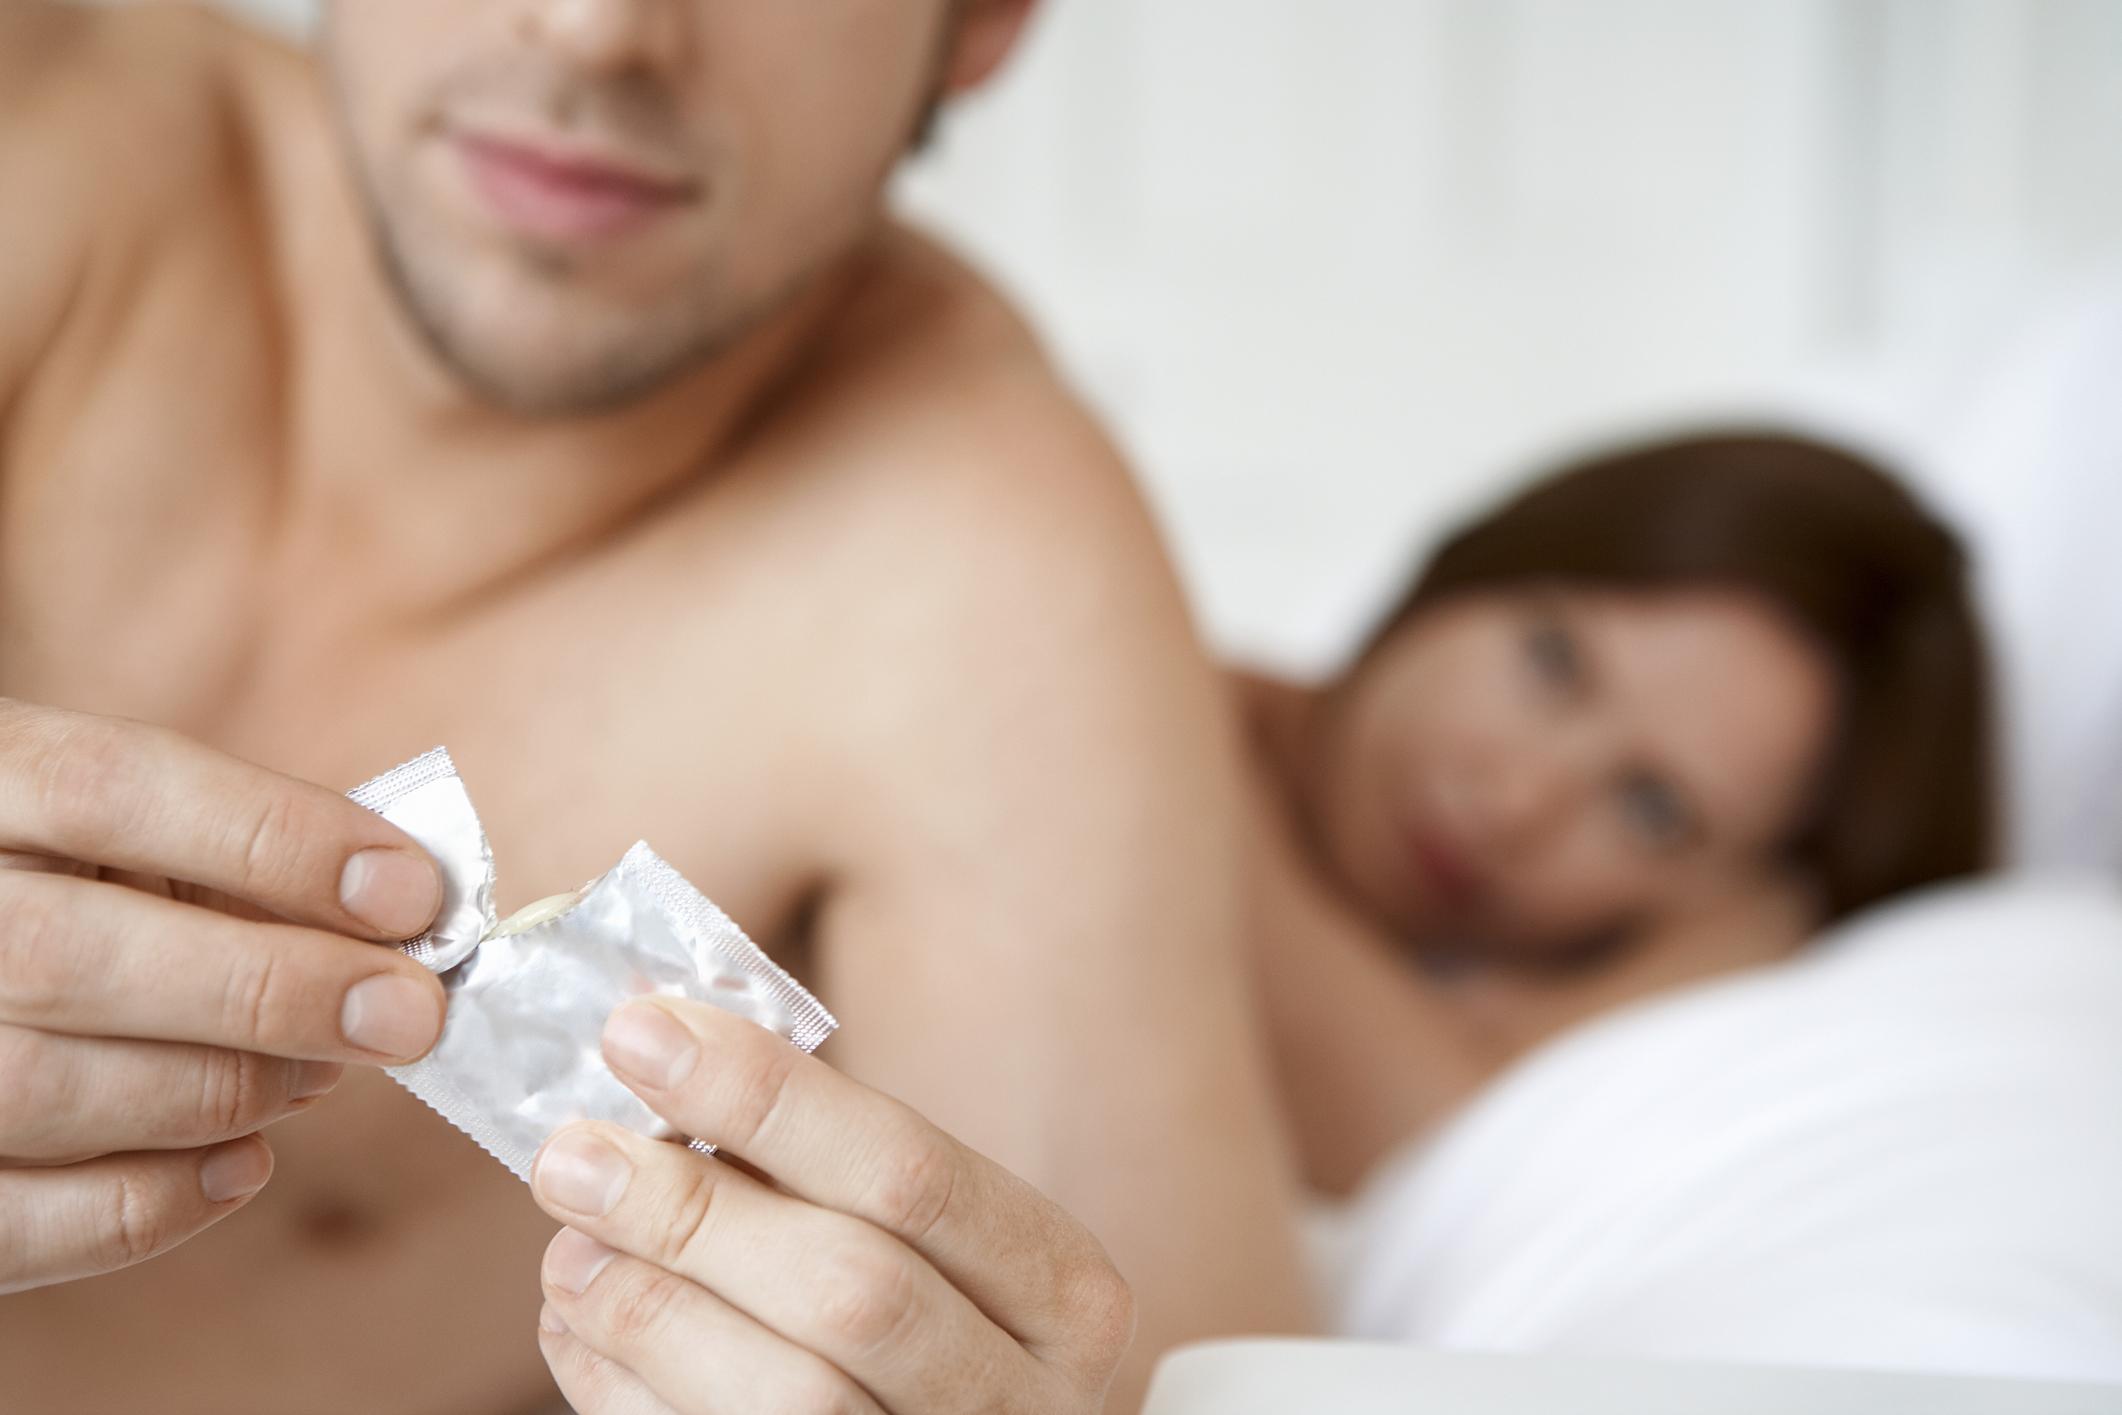 Preservativo rotto? Ecco cosa fare e come capire se sei incinta